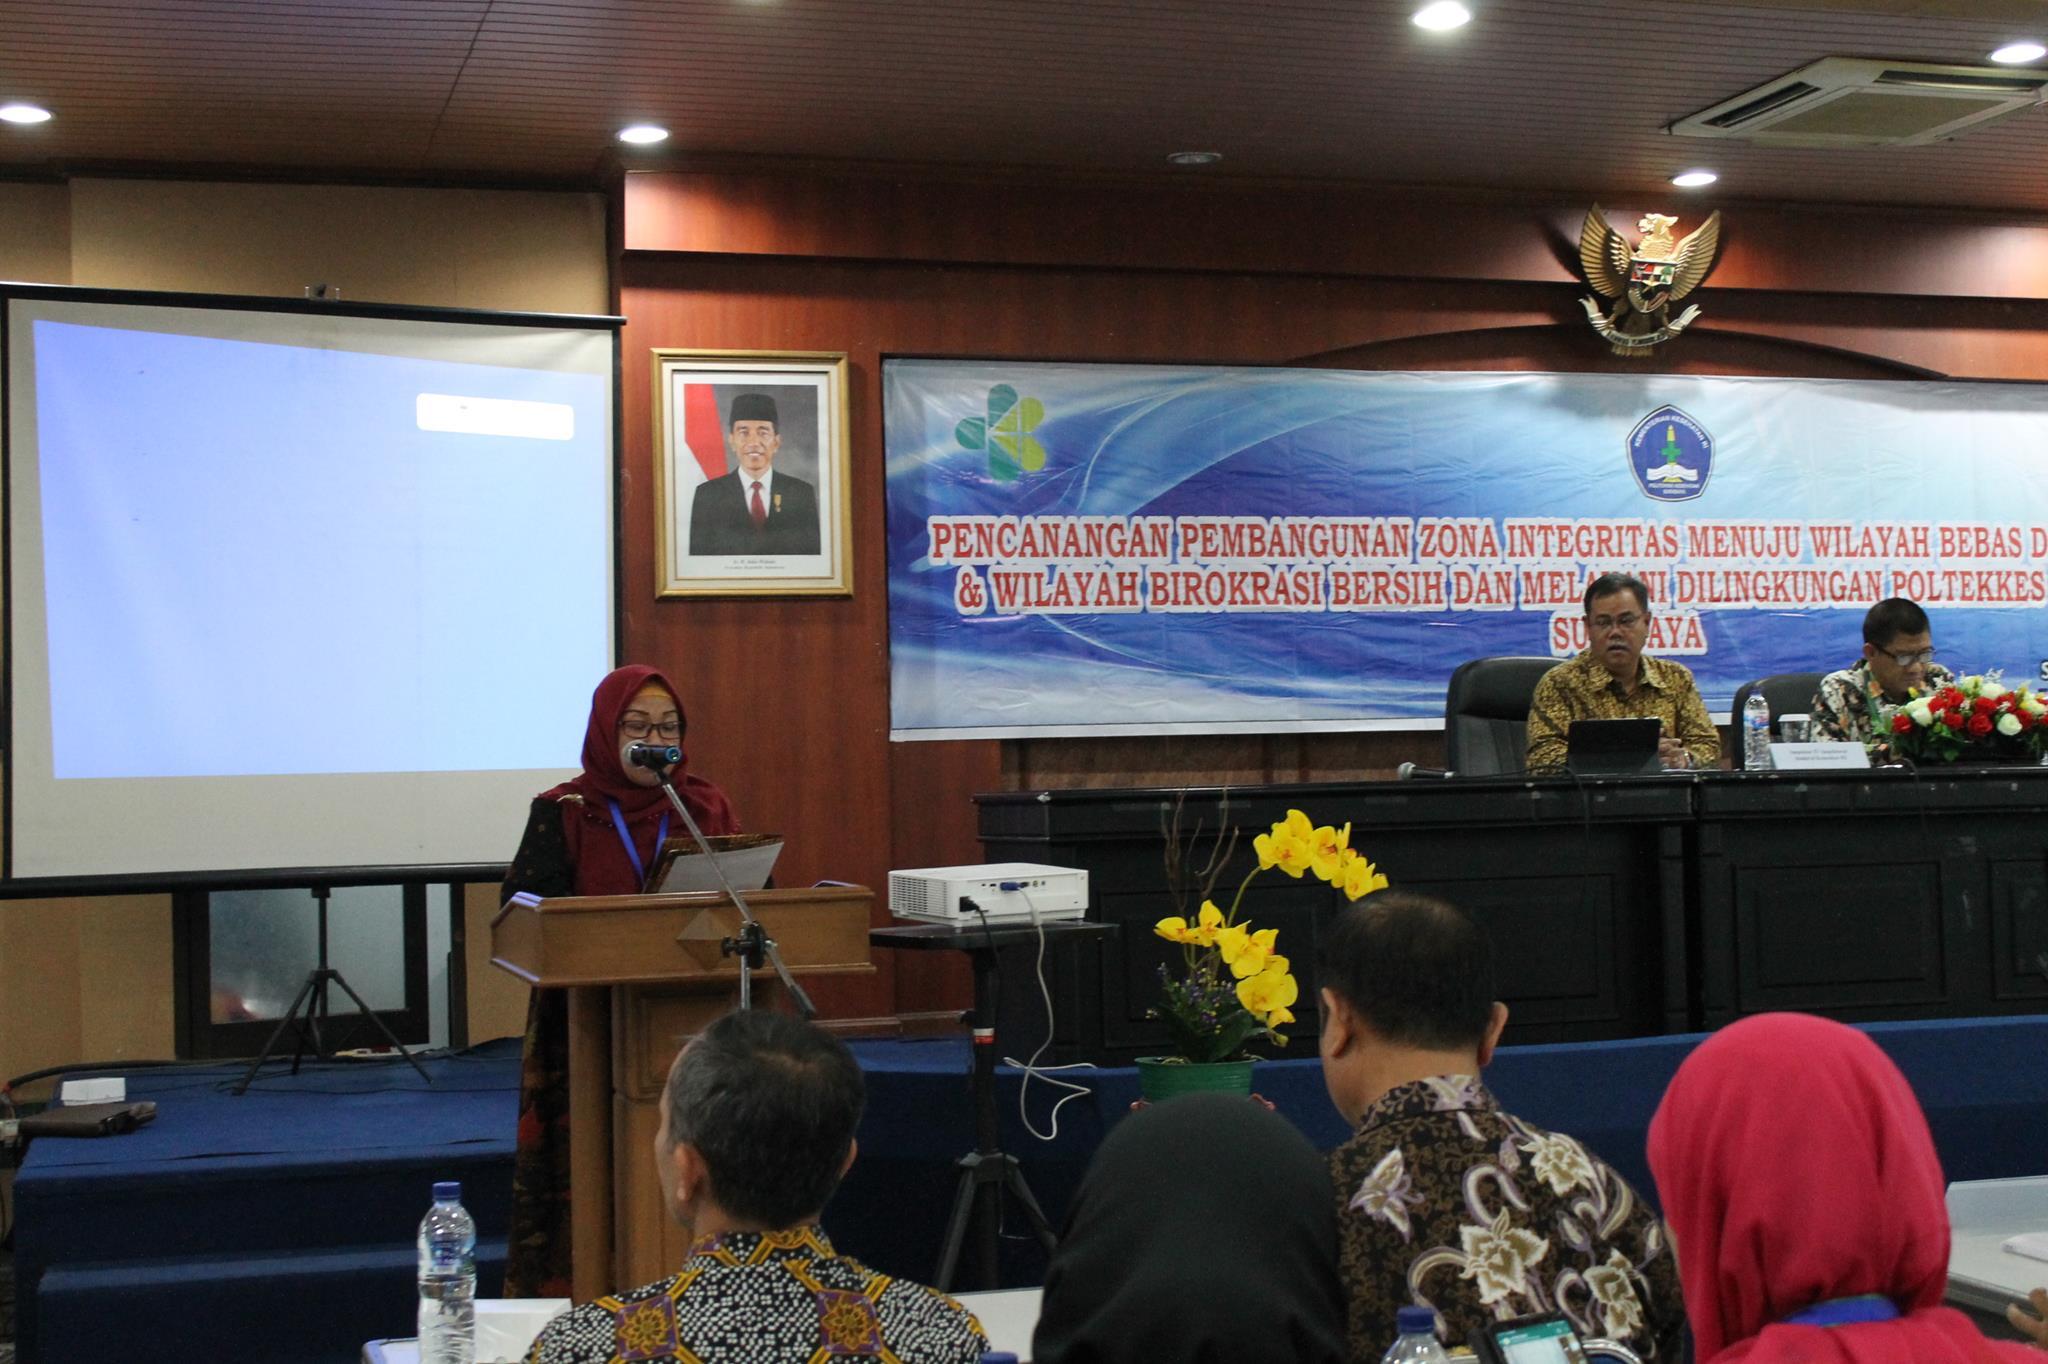 Pencanangan Zona Integritas Dan Wilayah Bebas Dari Korupsi Politeknik Kesehatan Departemen Kesehatan Surabaya